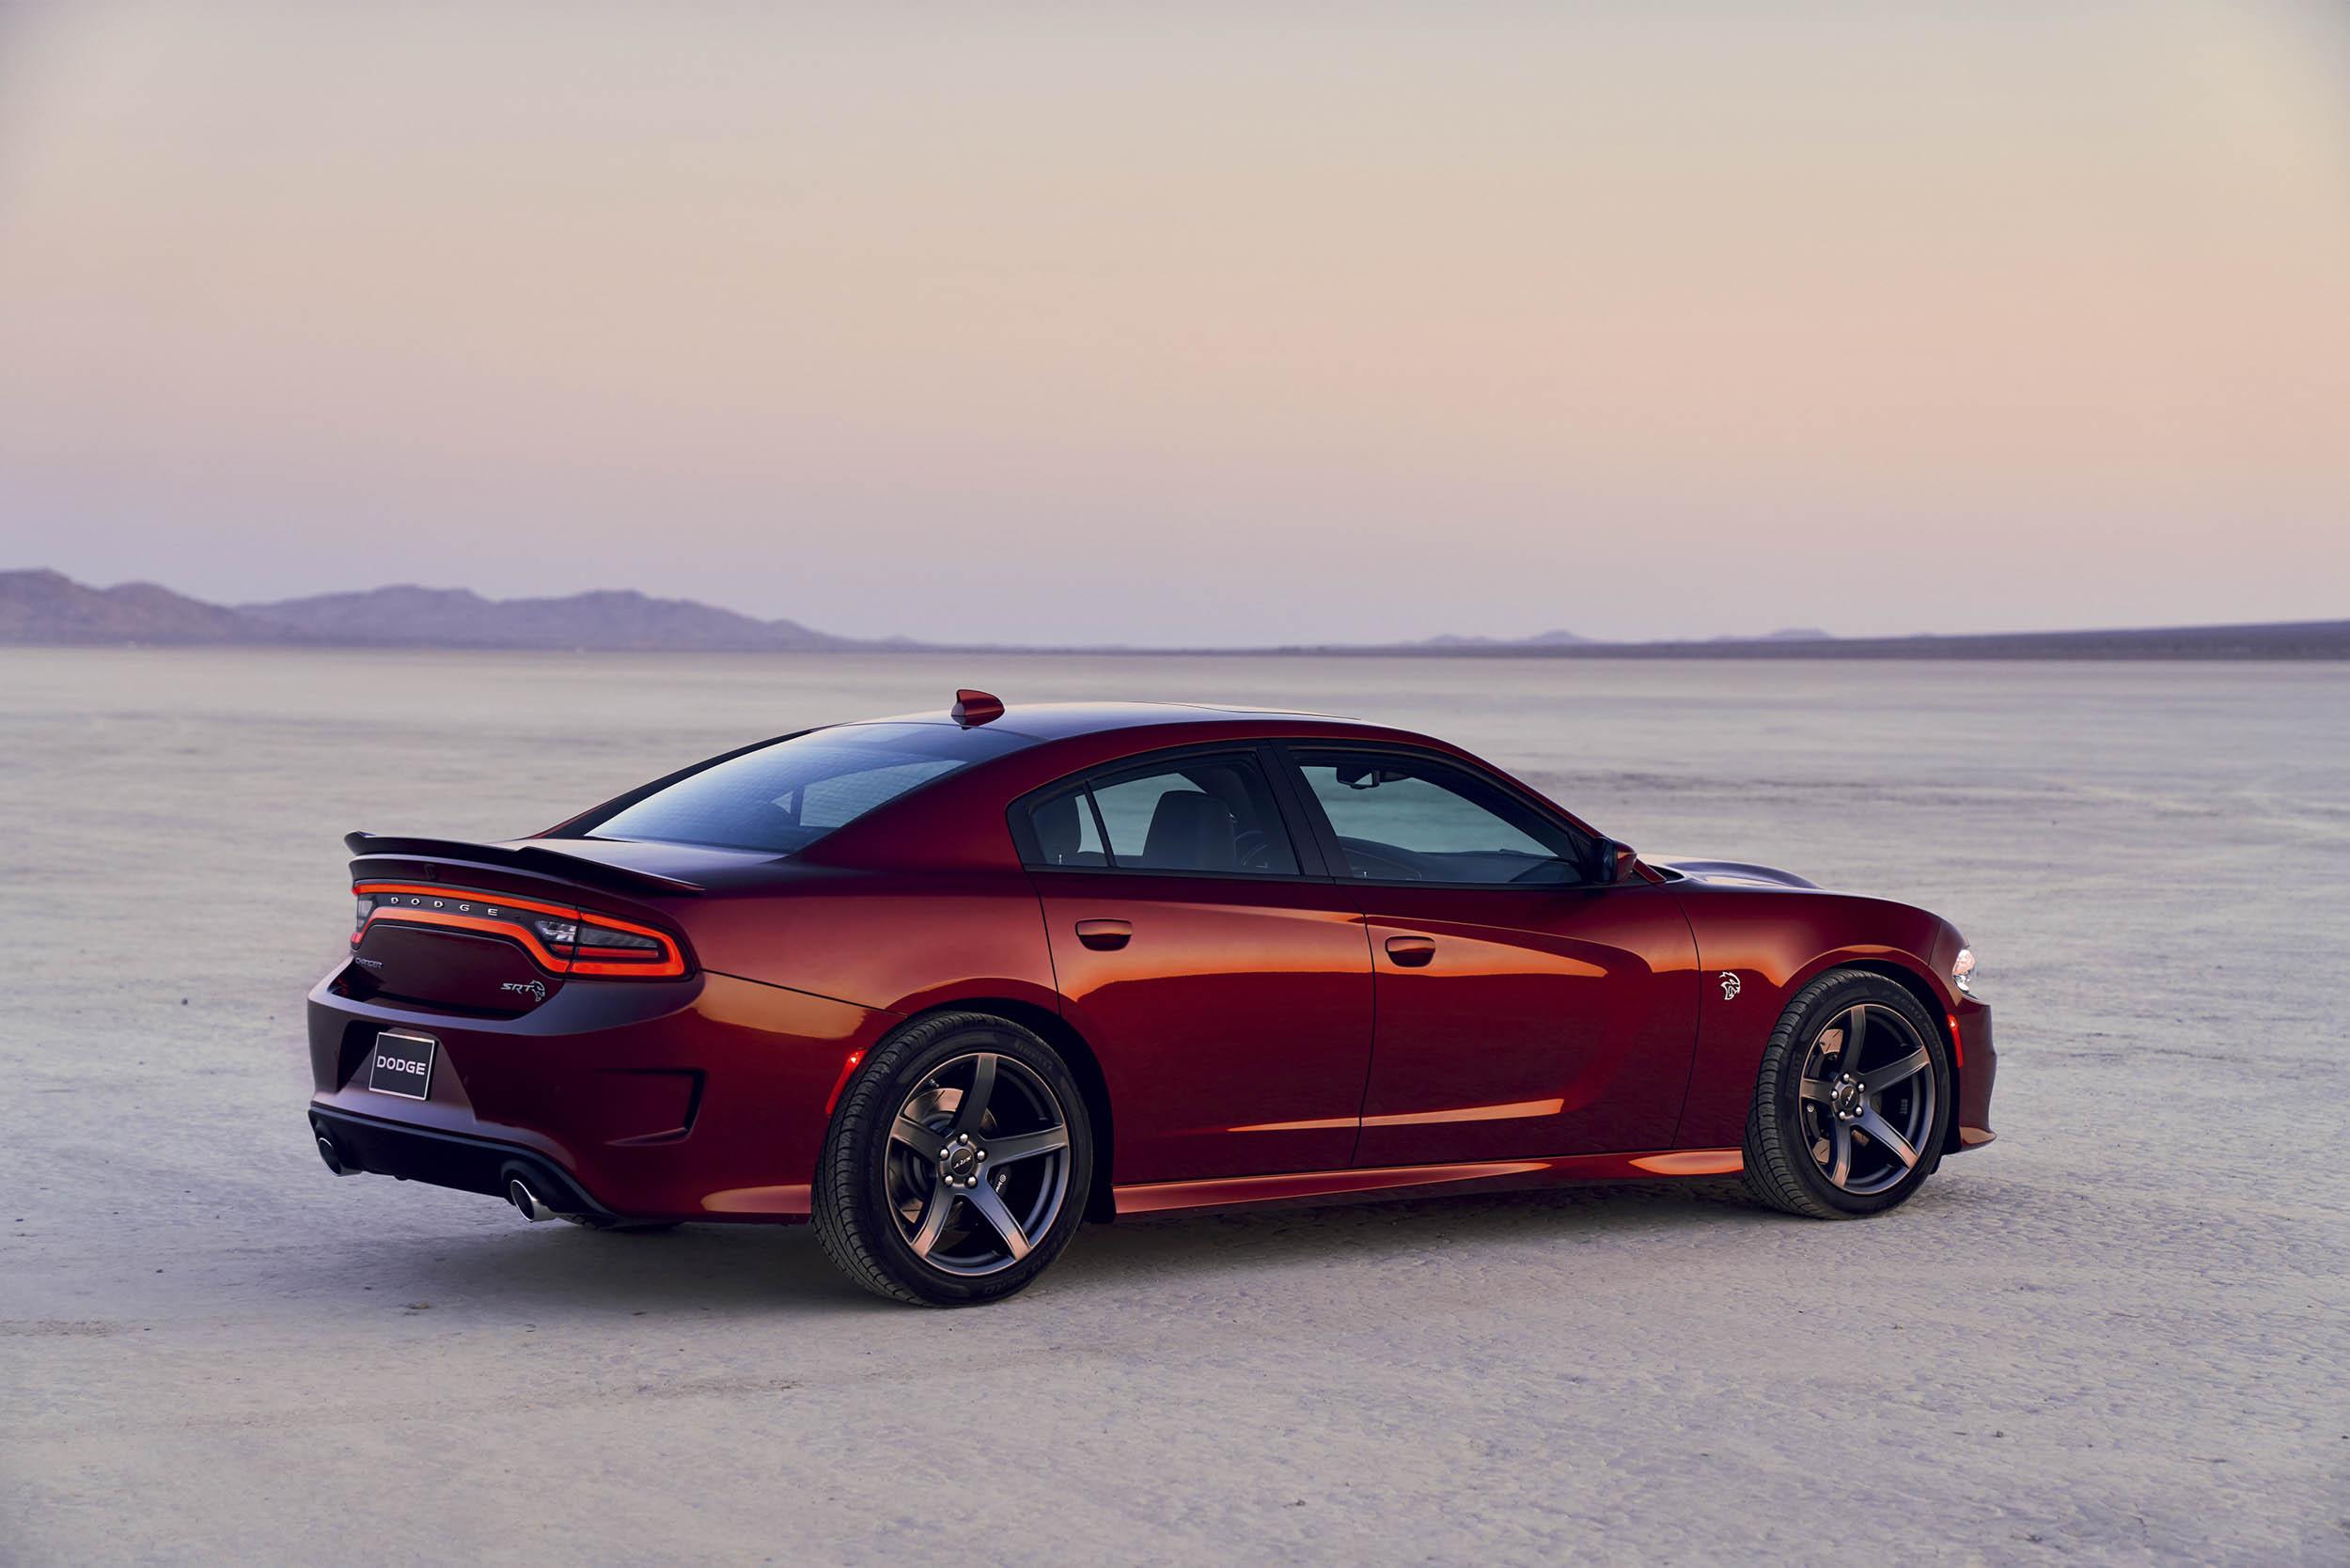 2019 Dodge Charger SRT Hellcat side